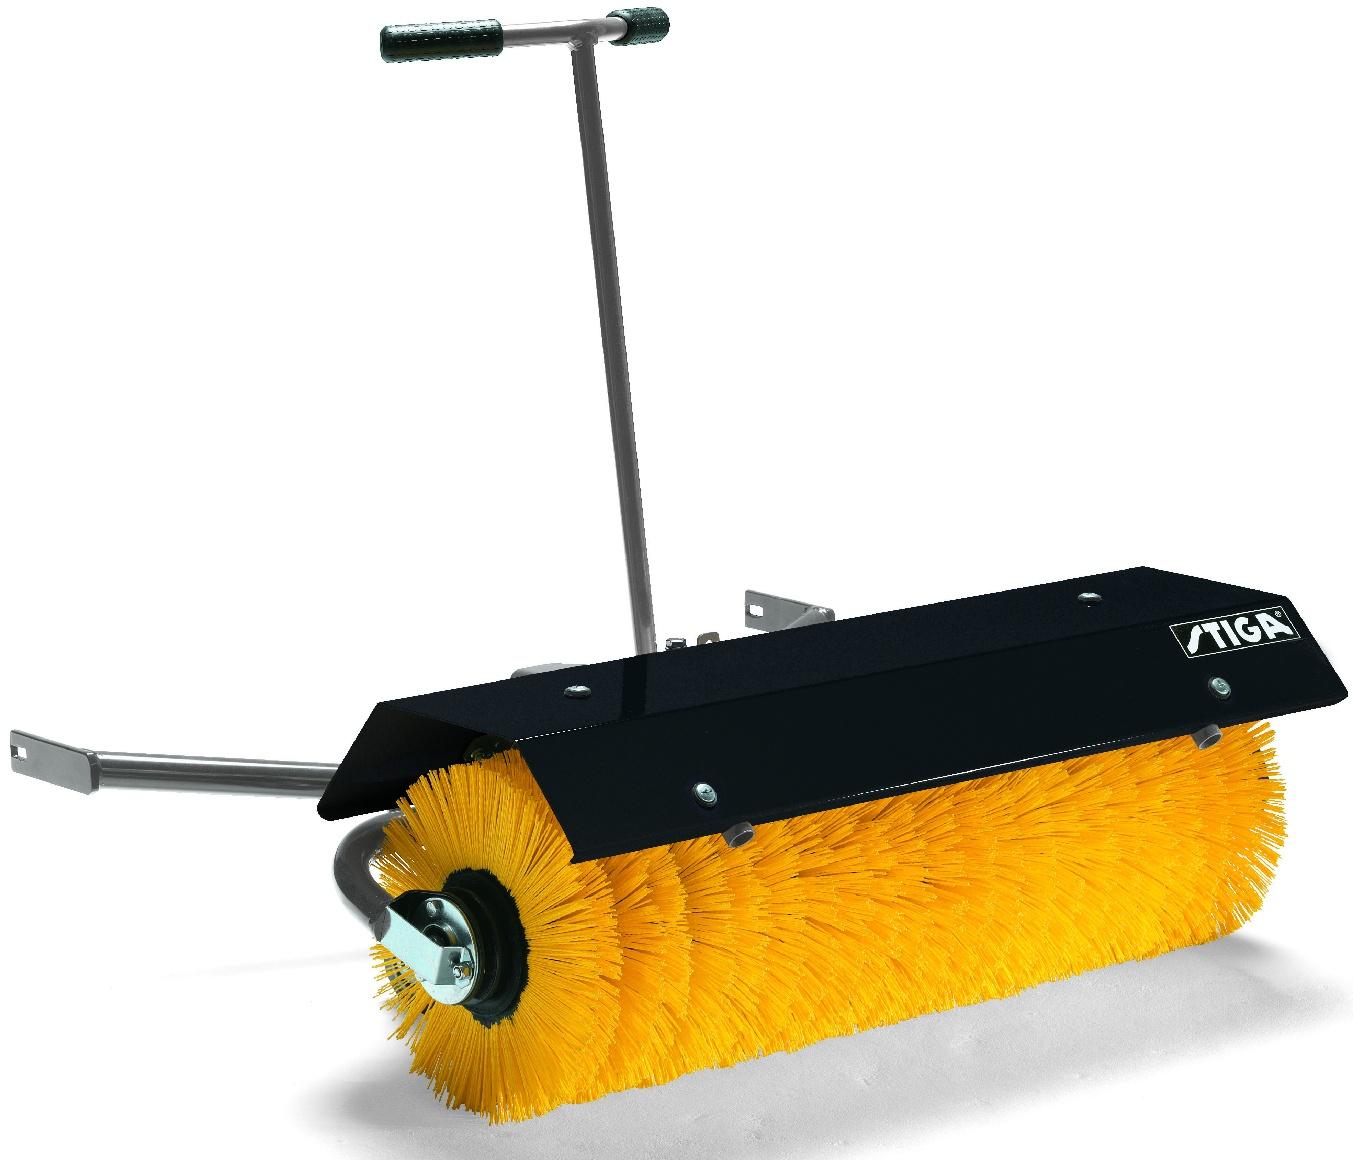 stiga frontkehrmaschine für park 120/220 | günstig online kaufen